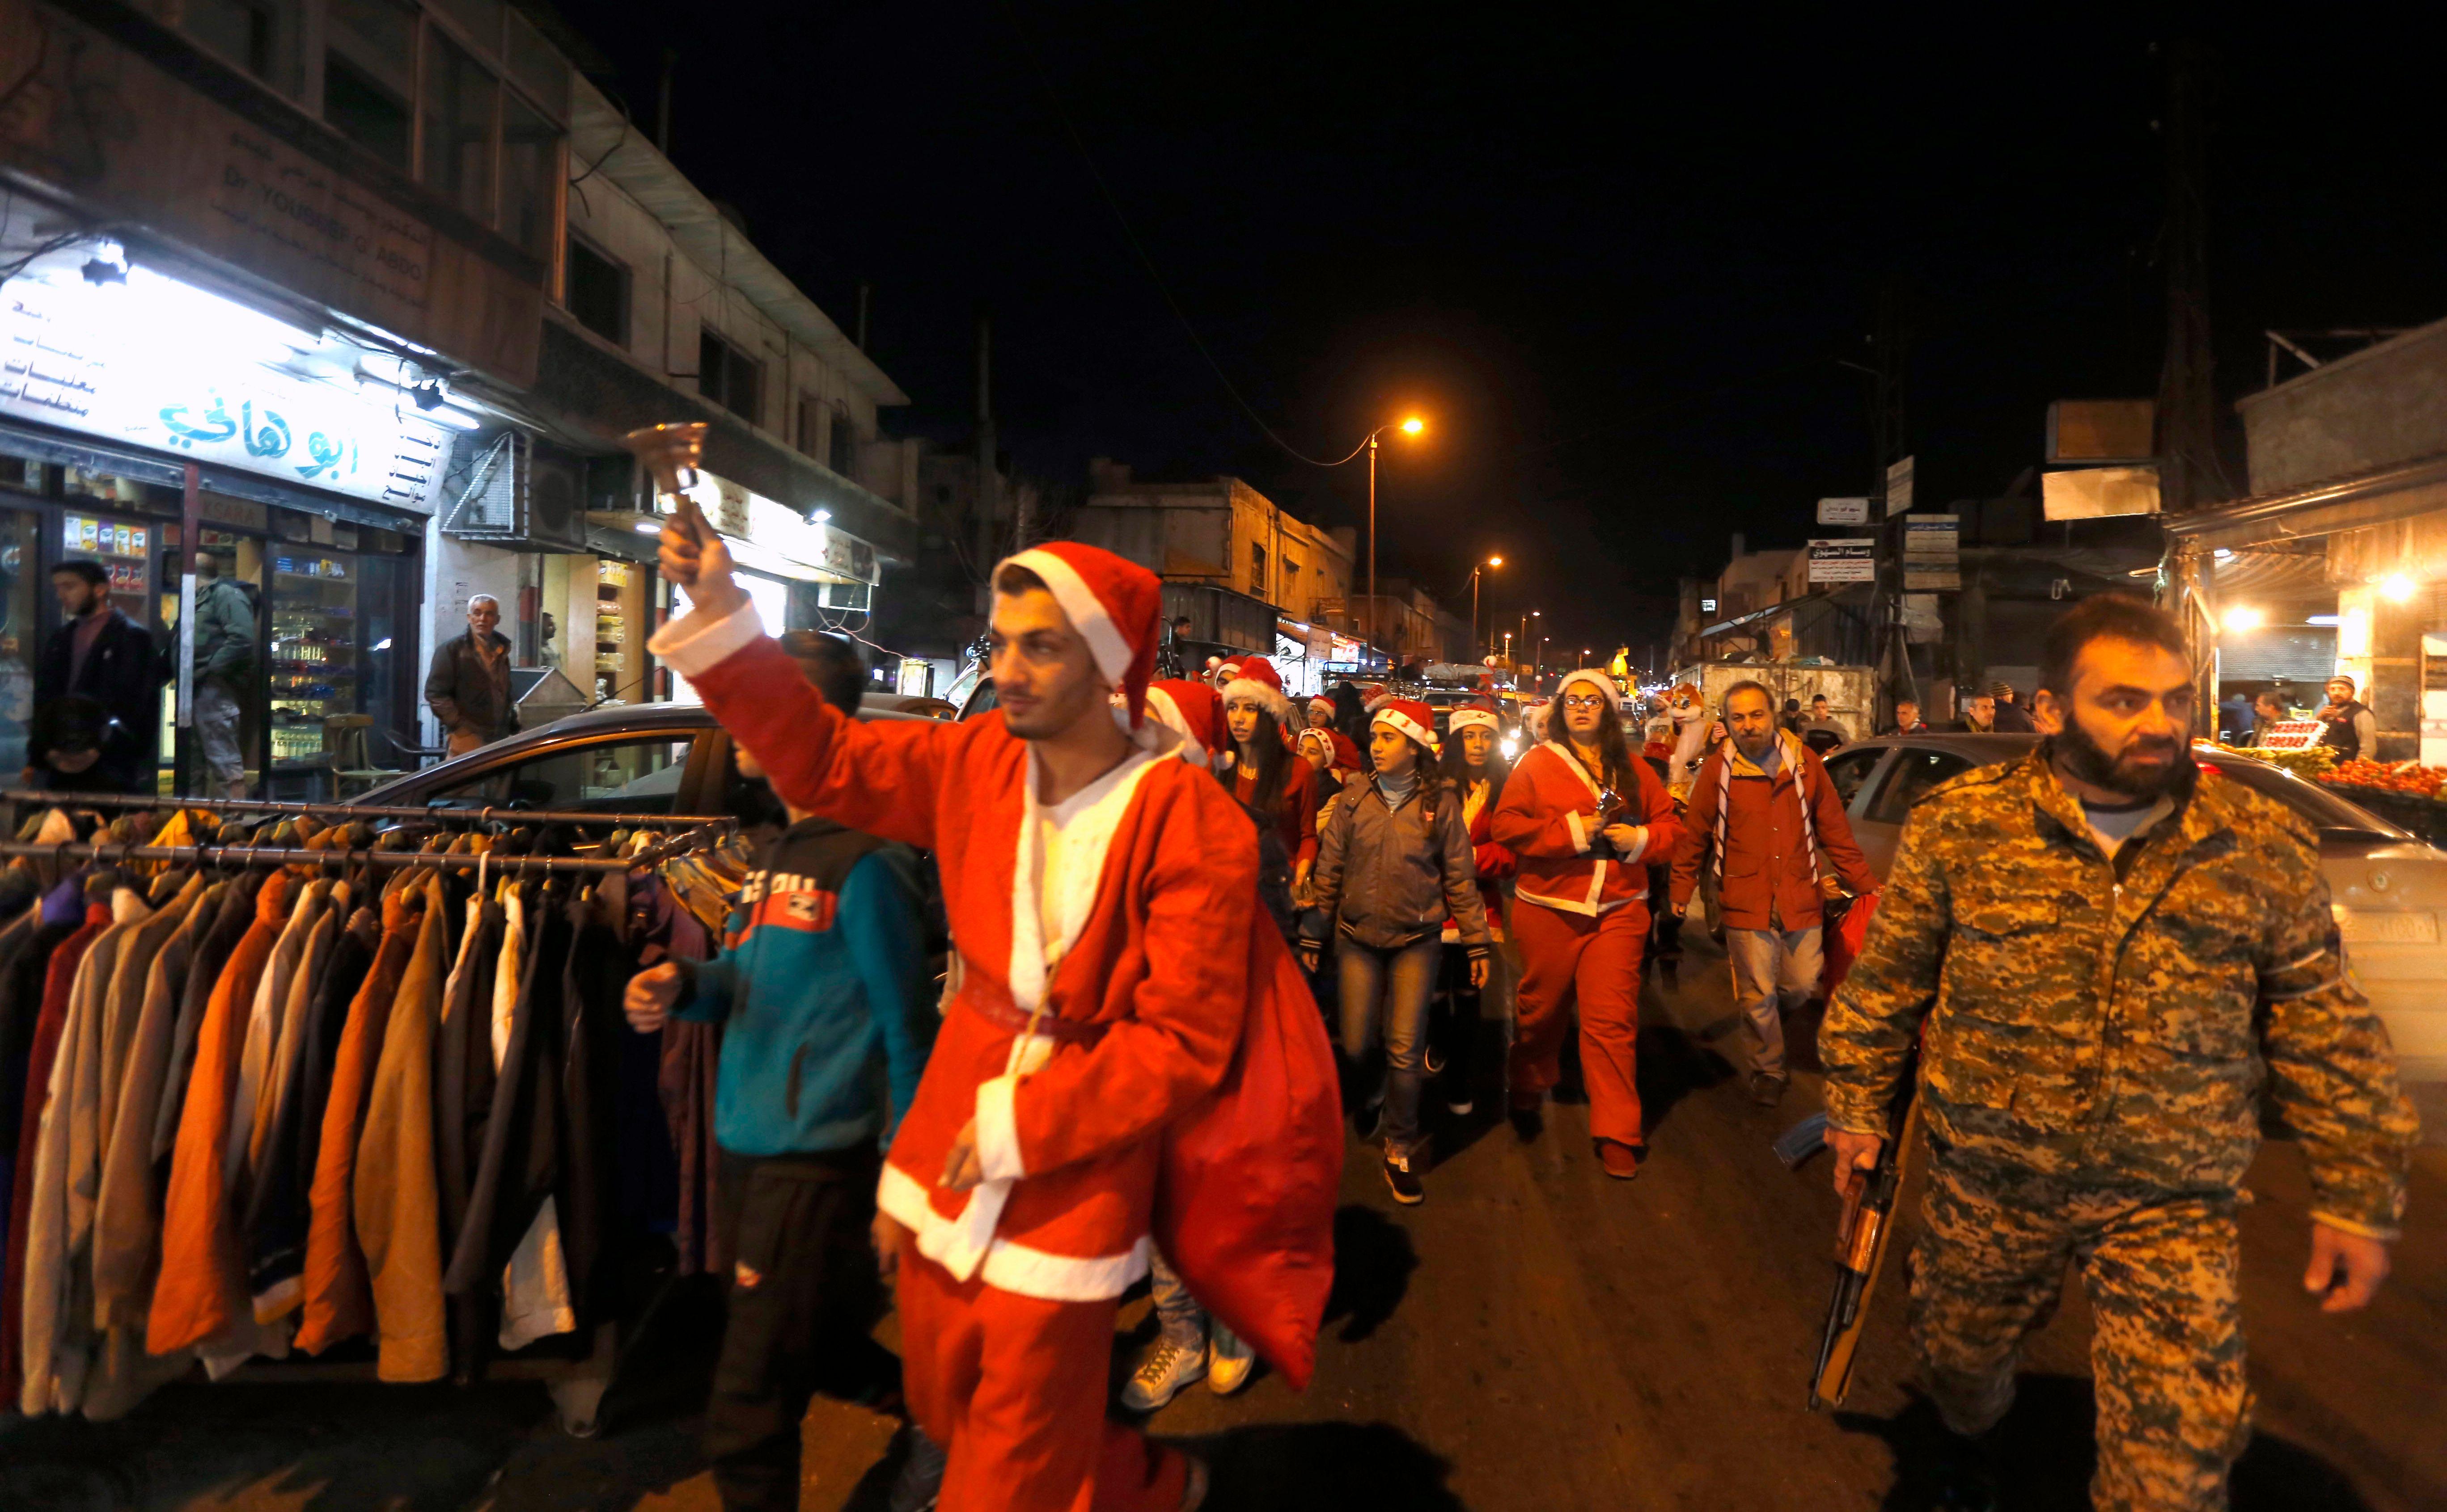 جانب من احتفالات السوريون بعيد الميلاد